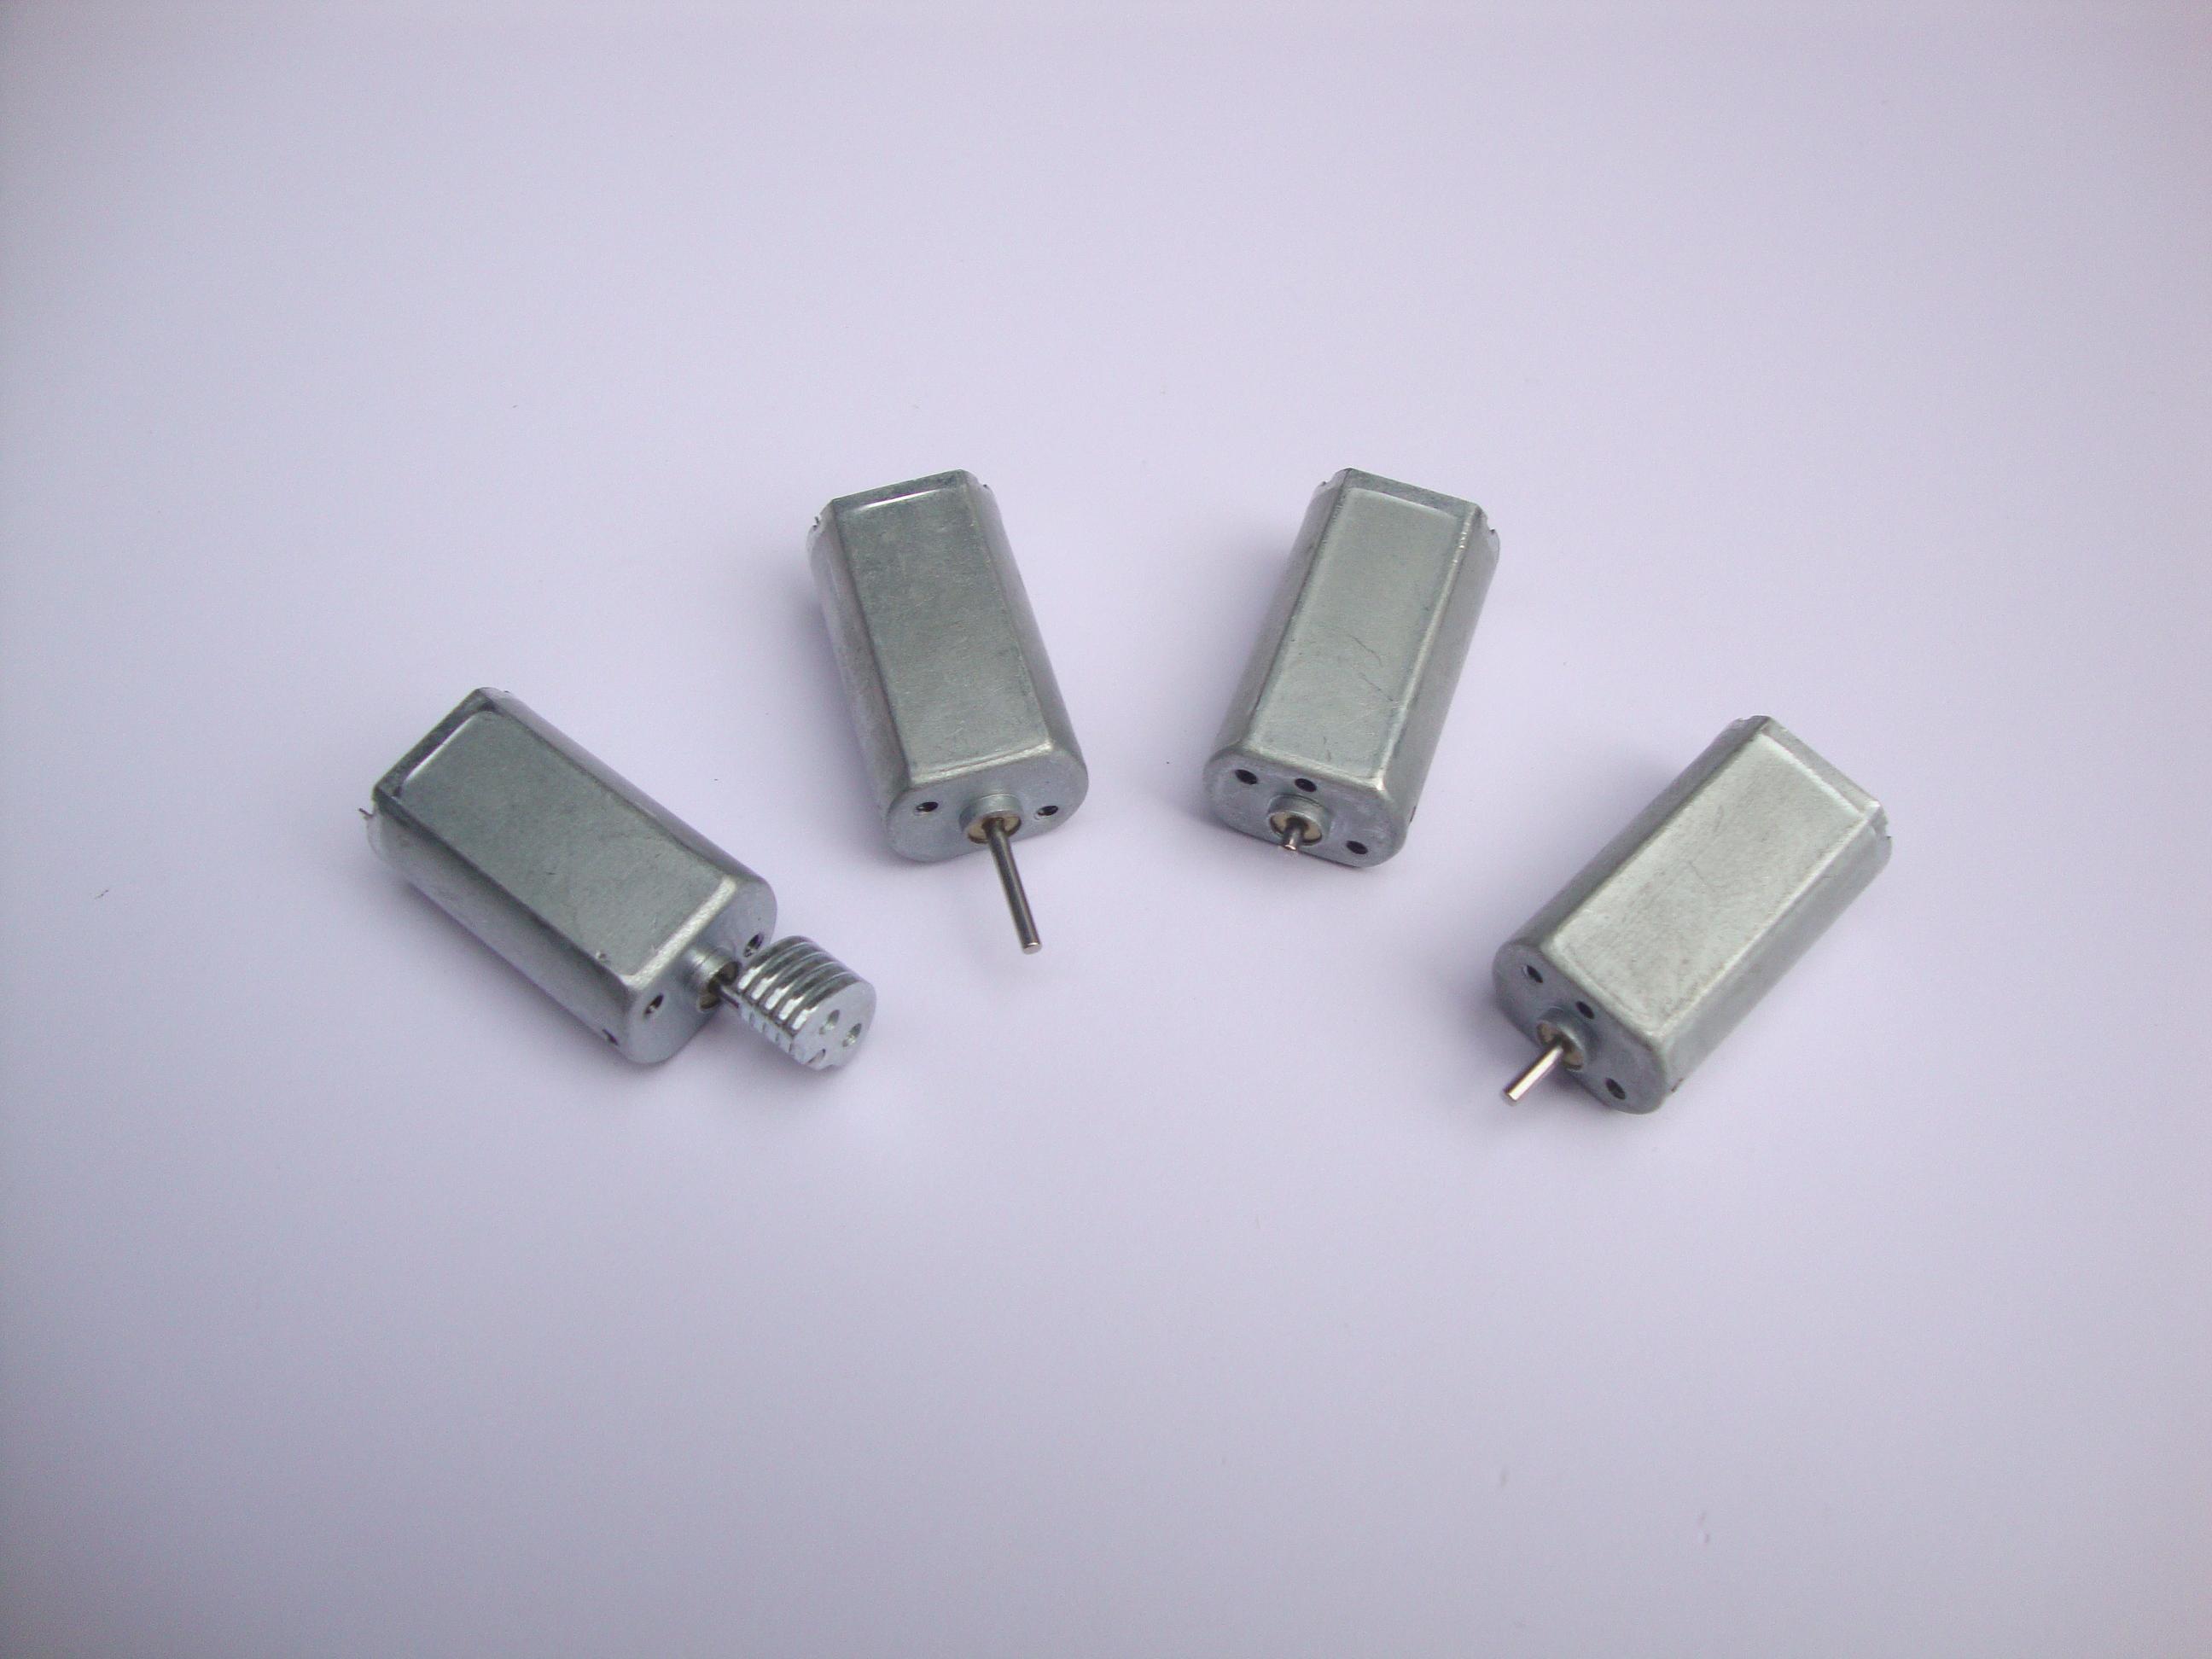 马达厂家供应050电机 家用电器马达 剃须刀电机